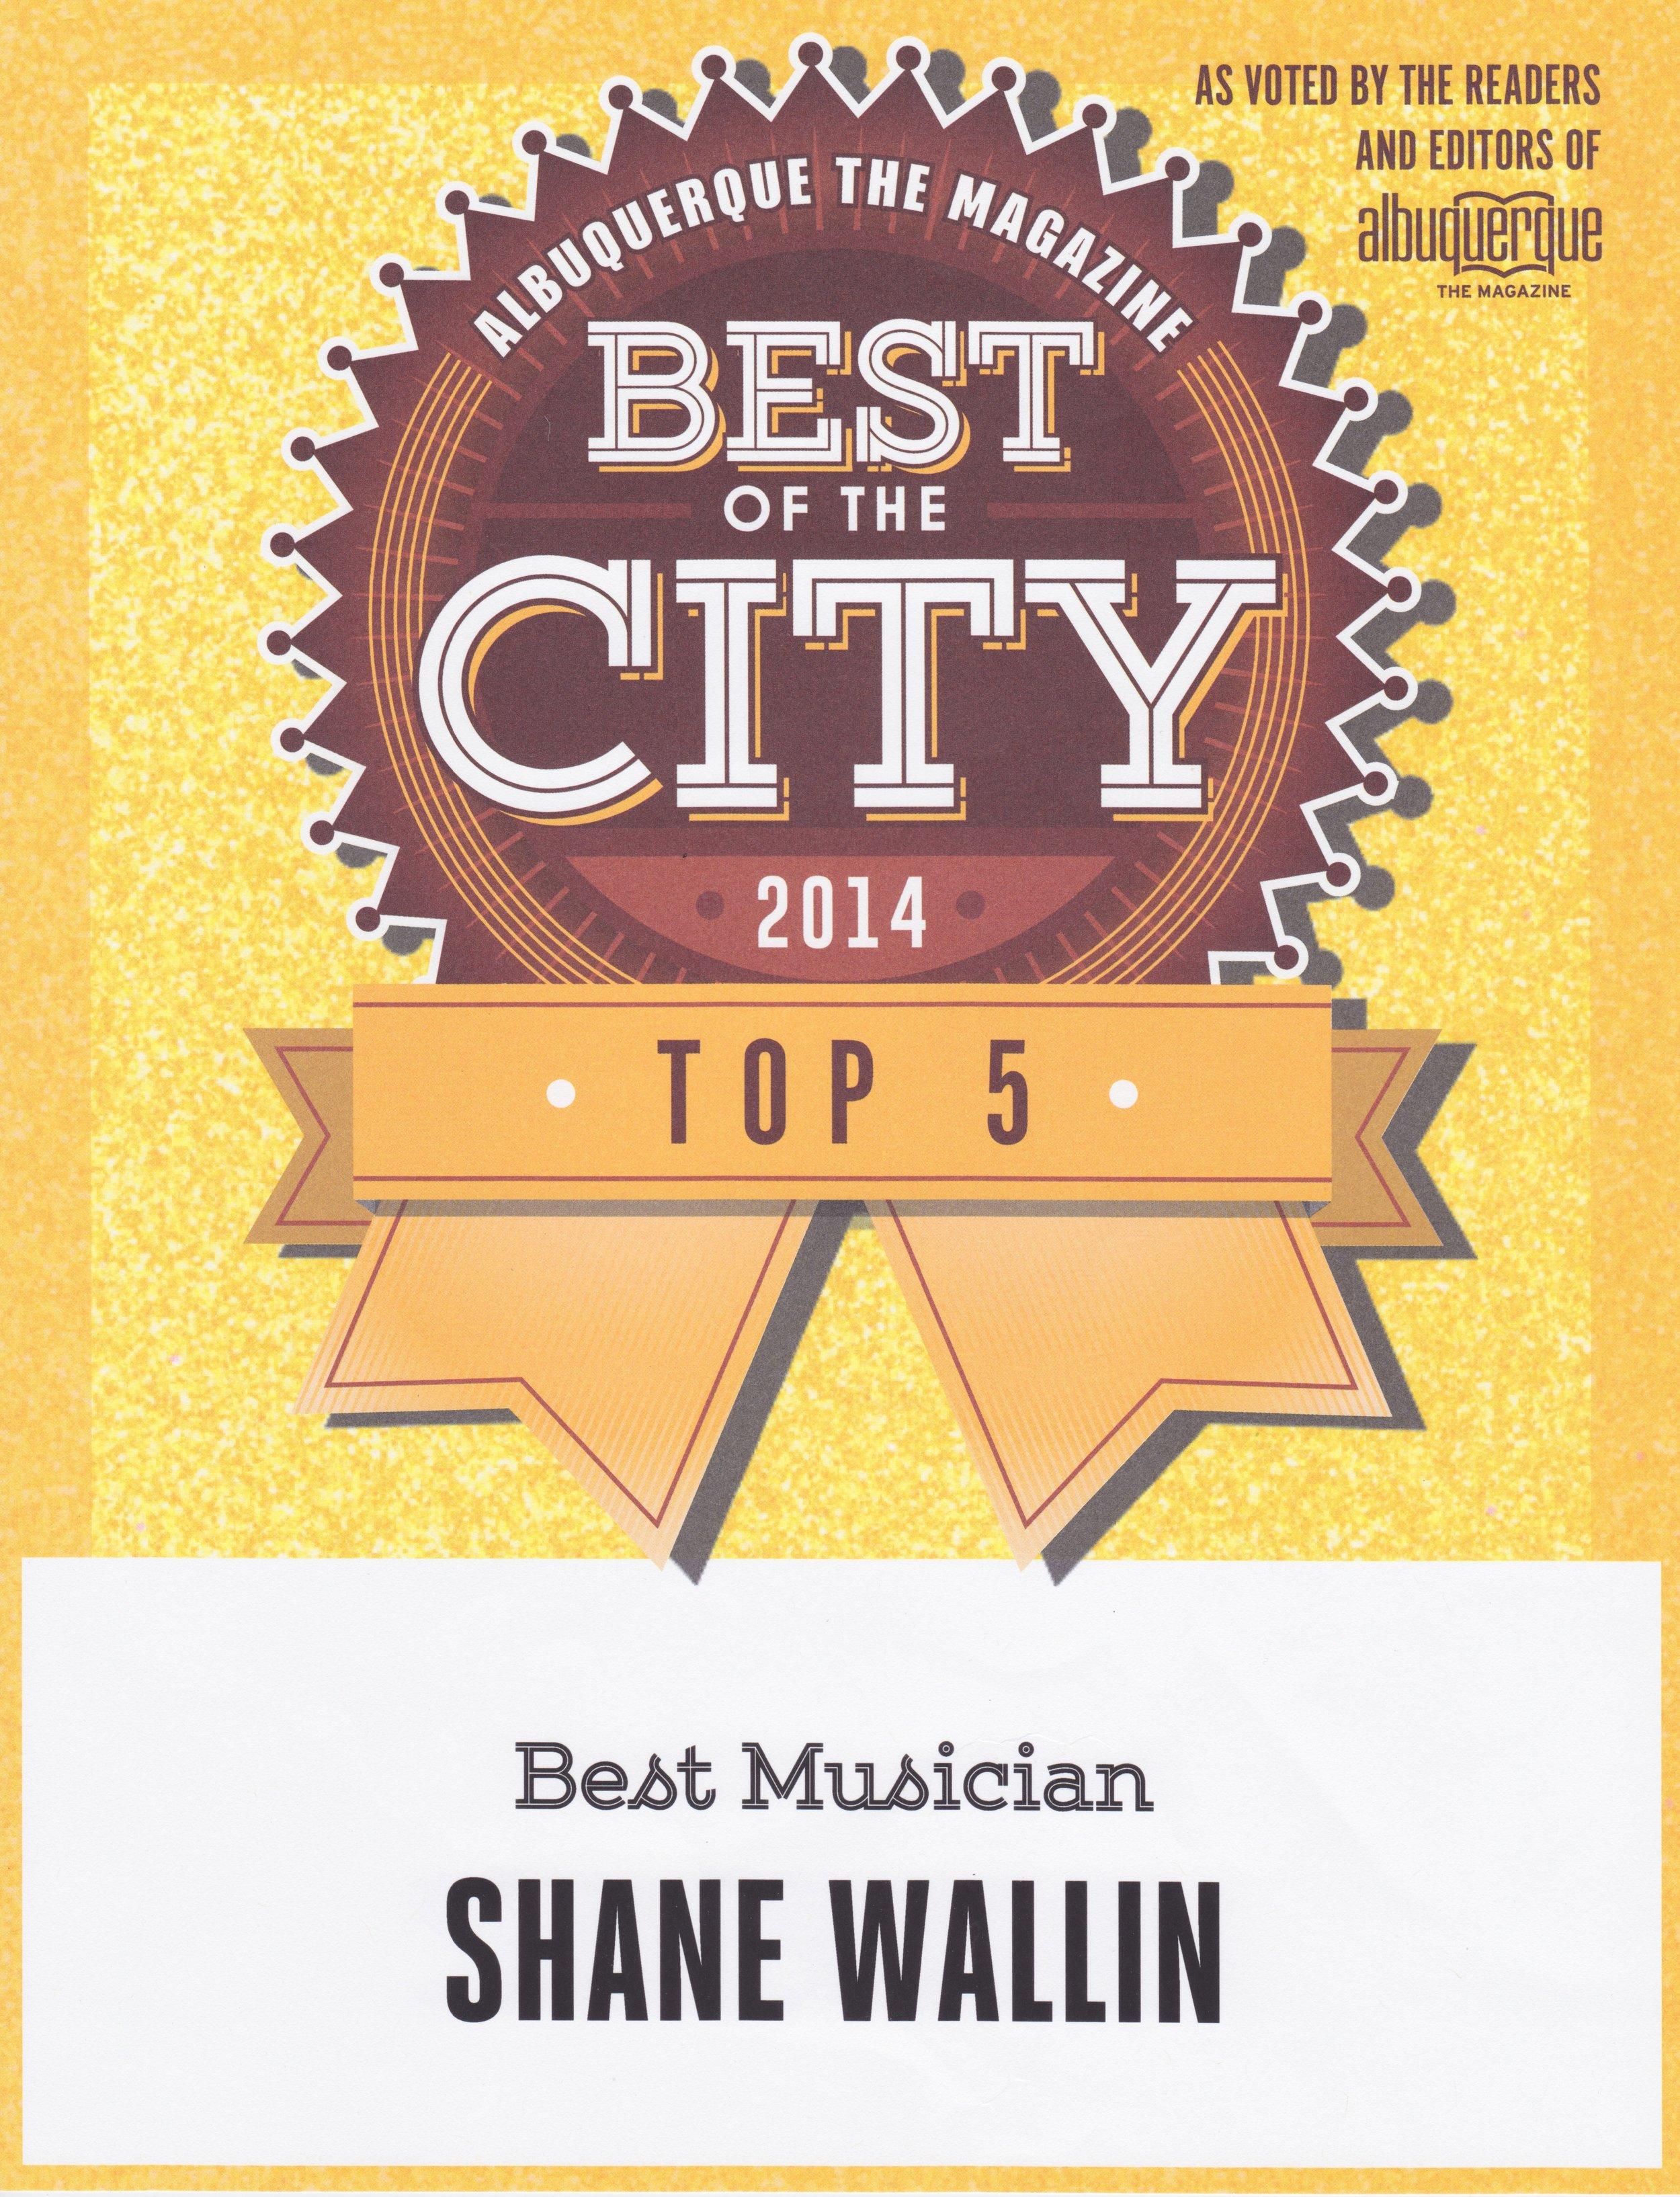 TOP MUSICIANS, NEW MEXICO, 2014. ALBUQUERQUE THE MAGAZINE.